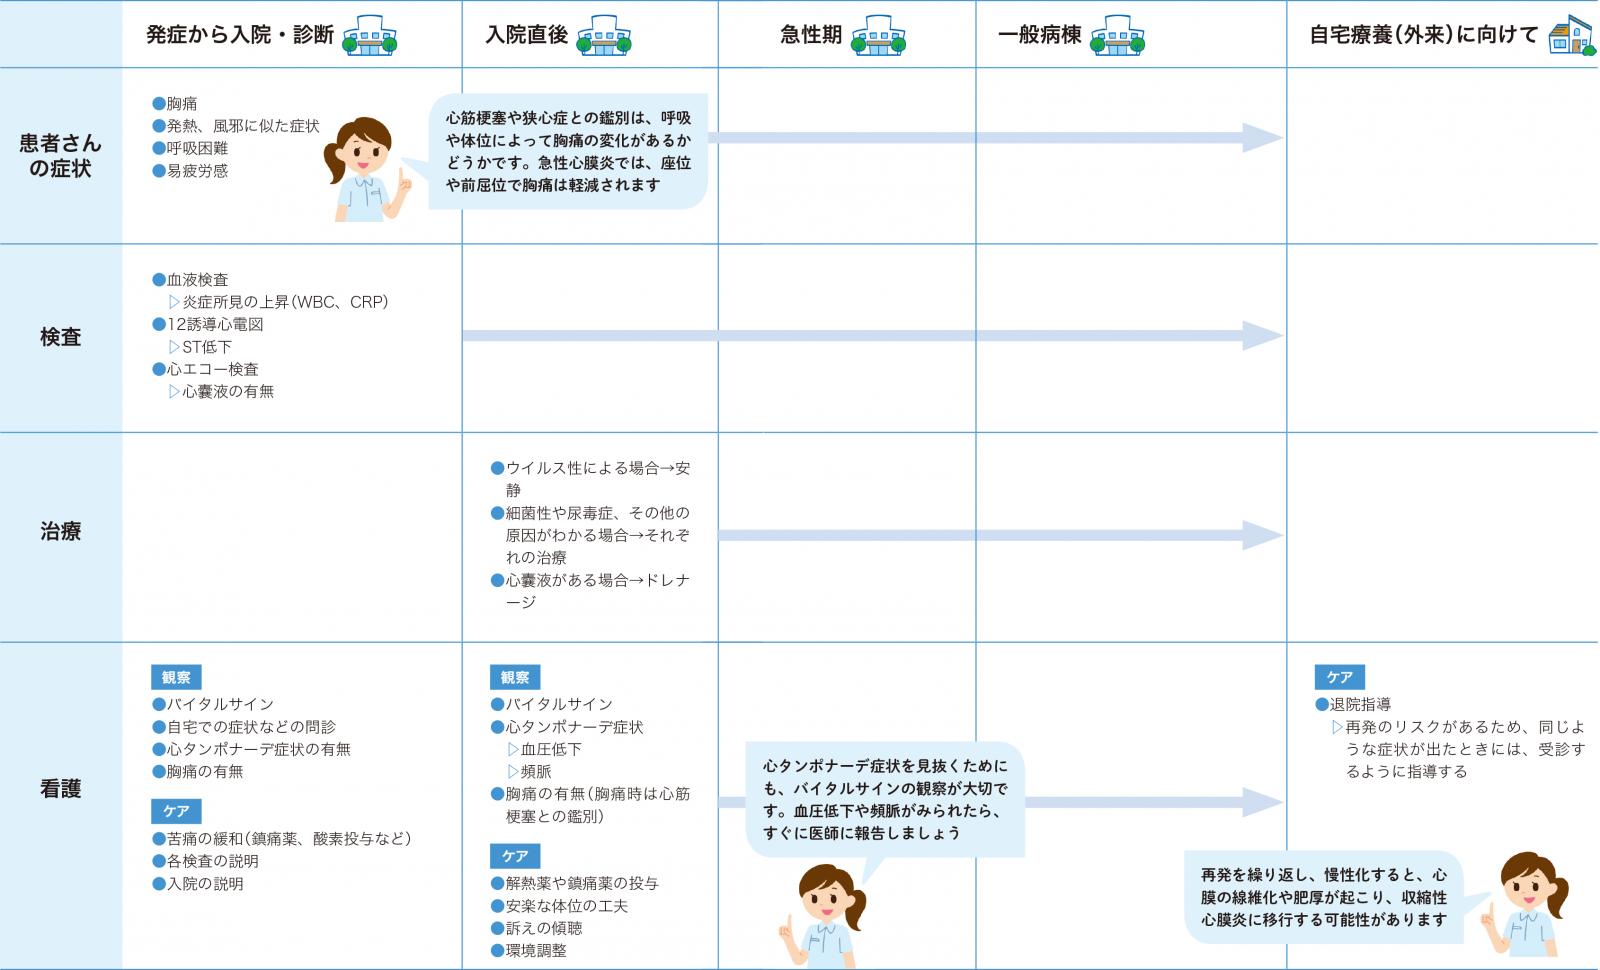 急性心膜炎の看護の経過 一覧表